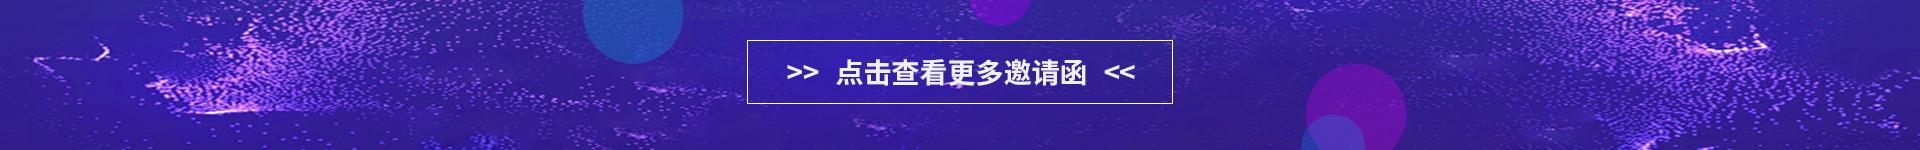 邀请函频道